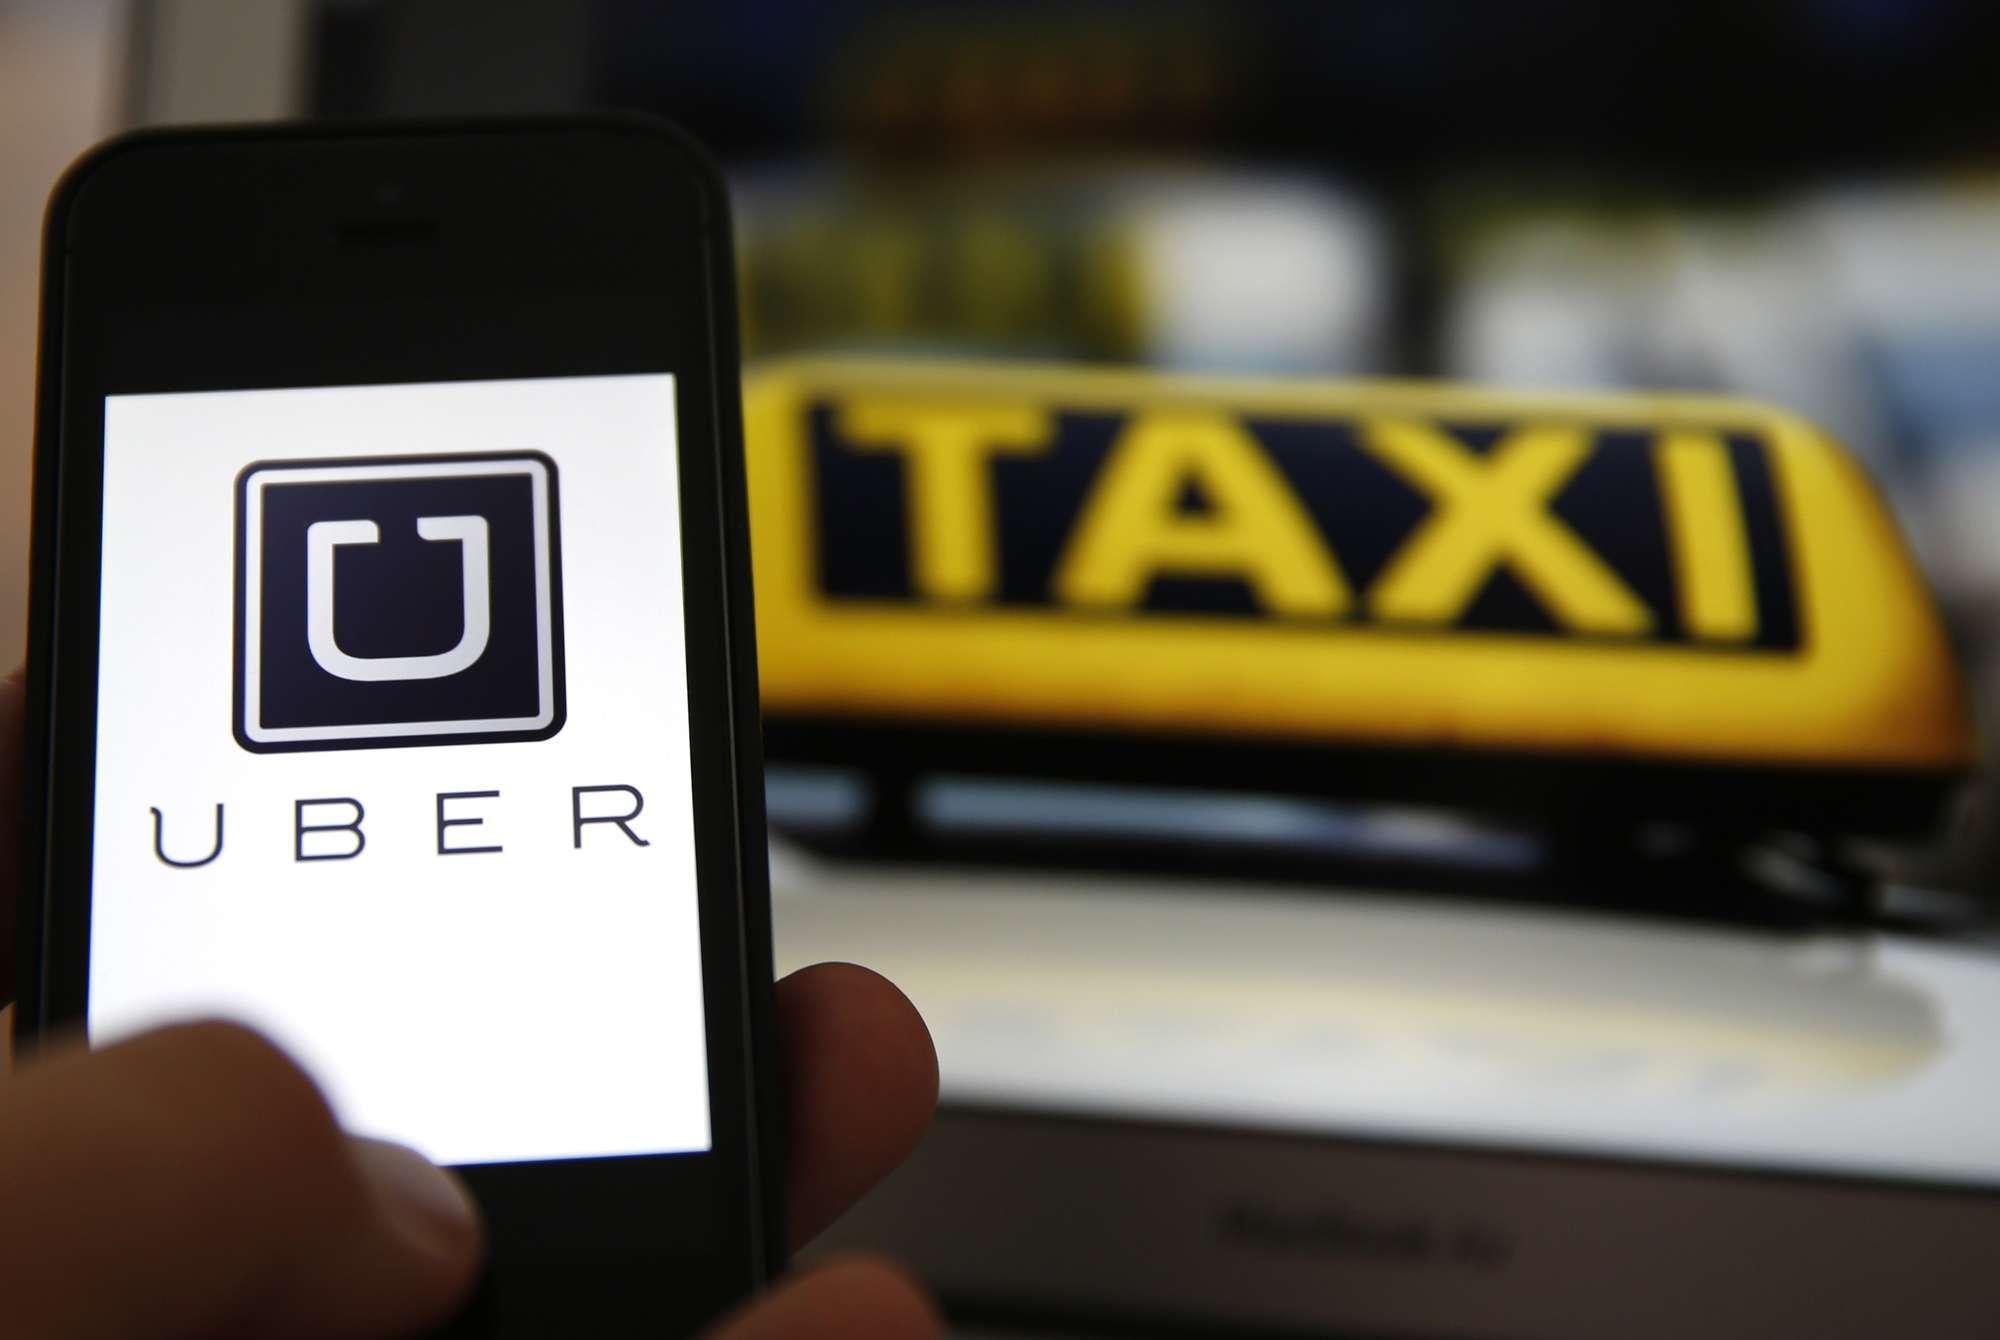 Promotor abre inquérito para apurar legalidade do Uber em Goiânia